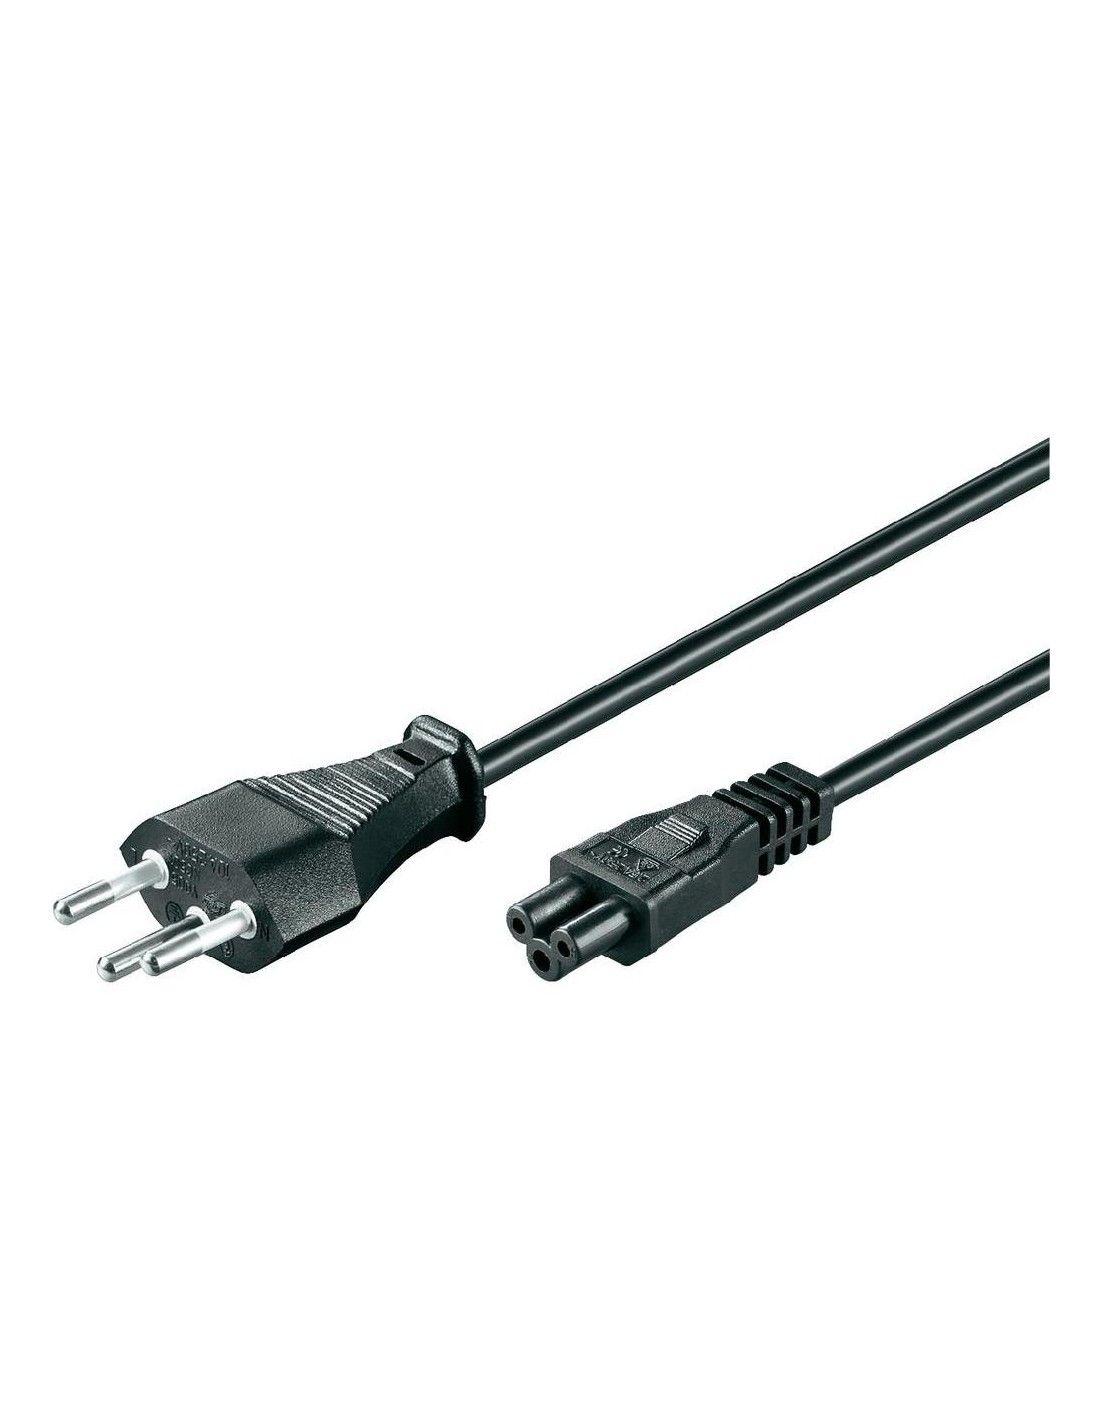 computer-kabel mit männlichem schweizer stecker, schwarz (mickey